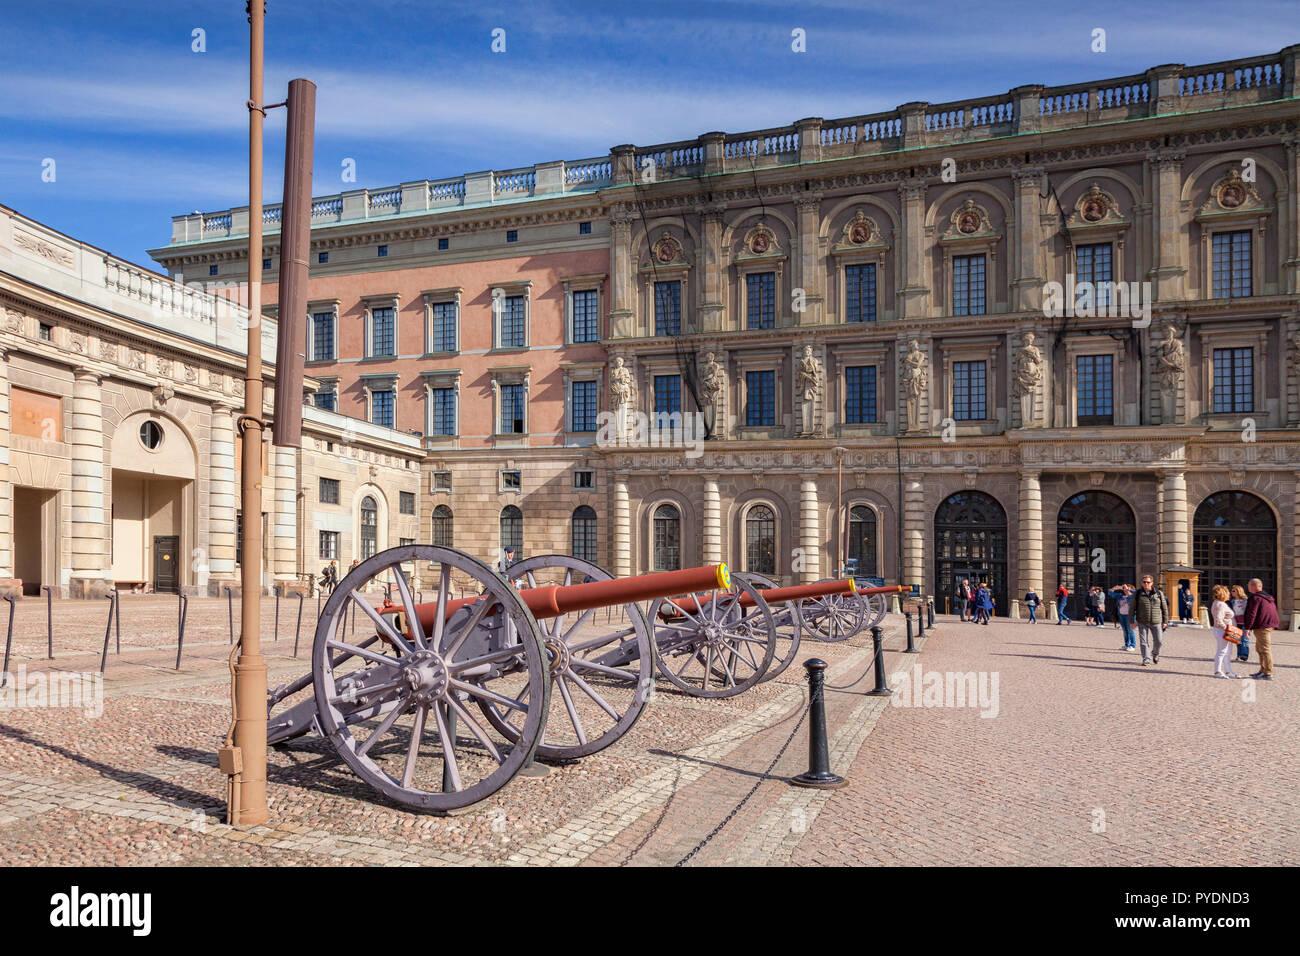 16. September 2018: Stockholm, Schweden - Kanonen auf Anzeige an der königlichen Palast. Stockbild